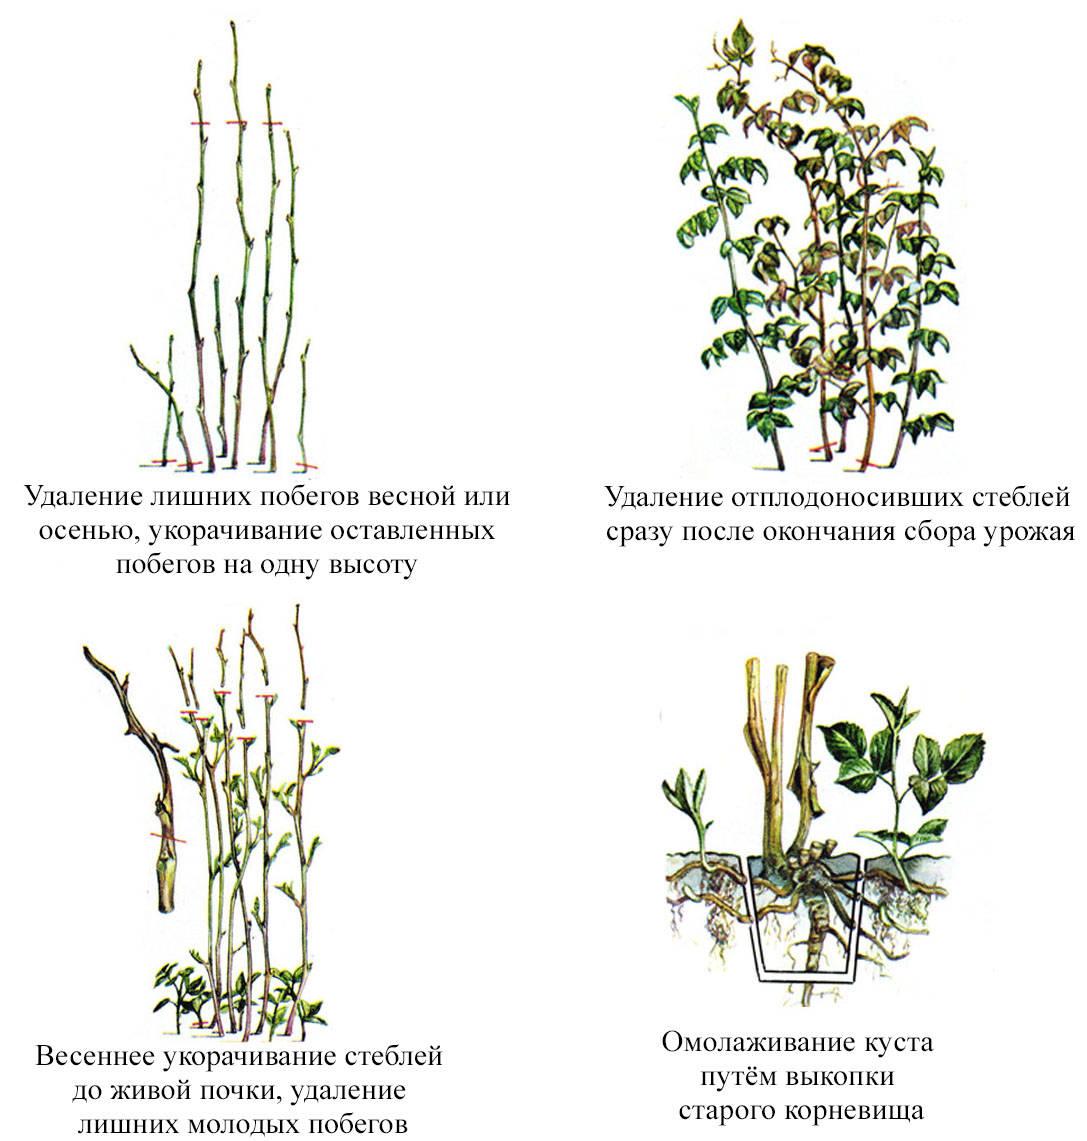 Ремонтантная малина — выращивание и уход, размножение, обрезка